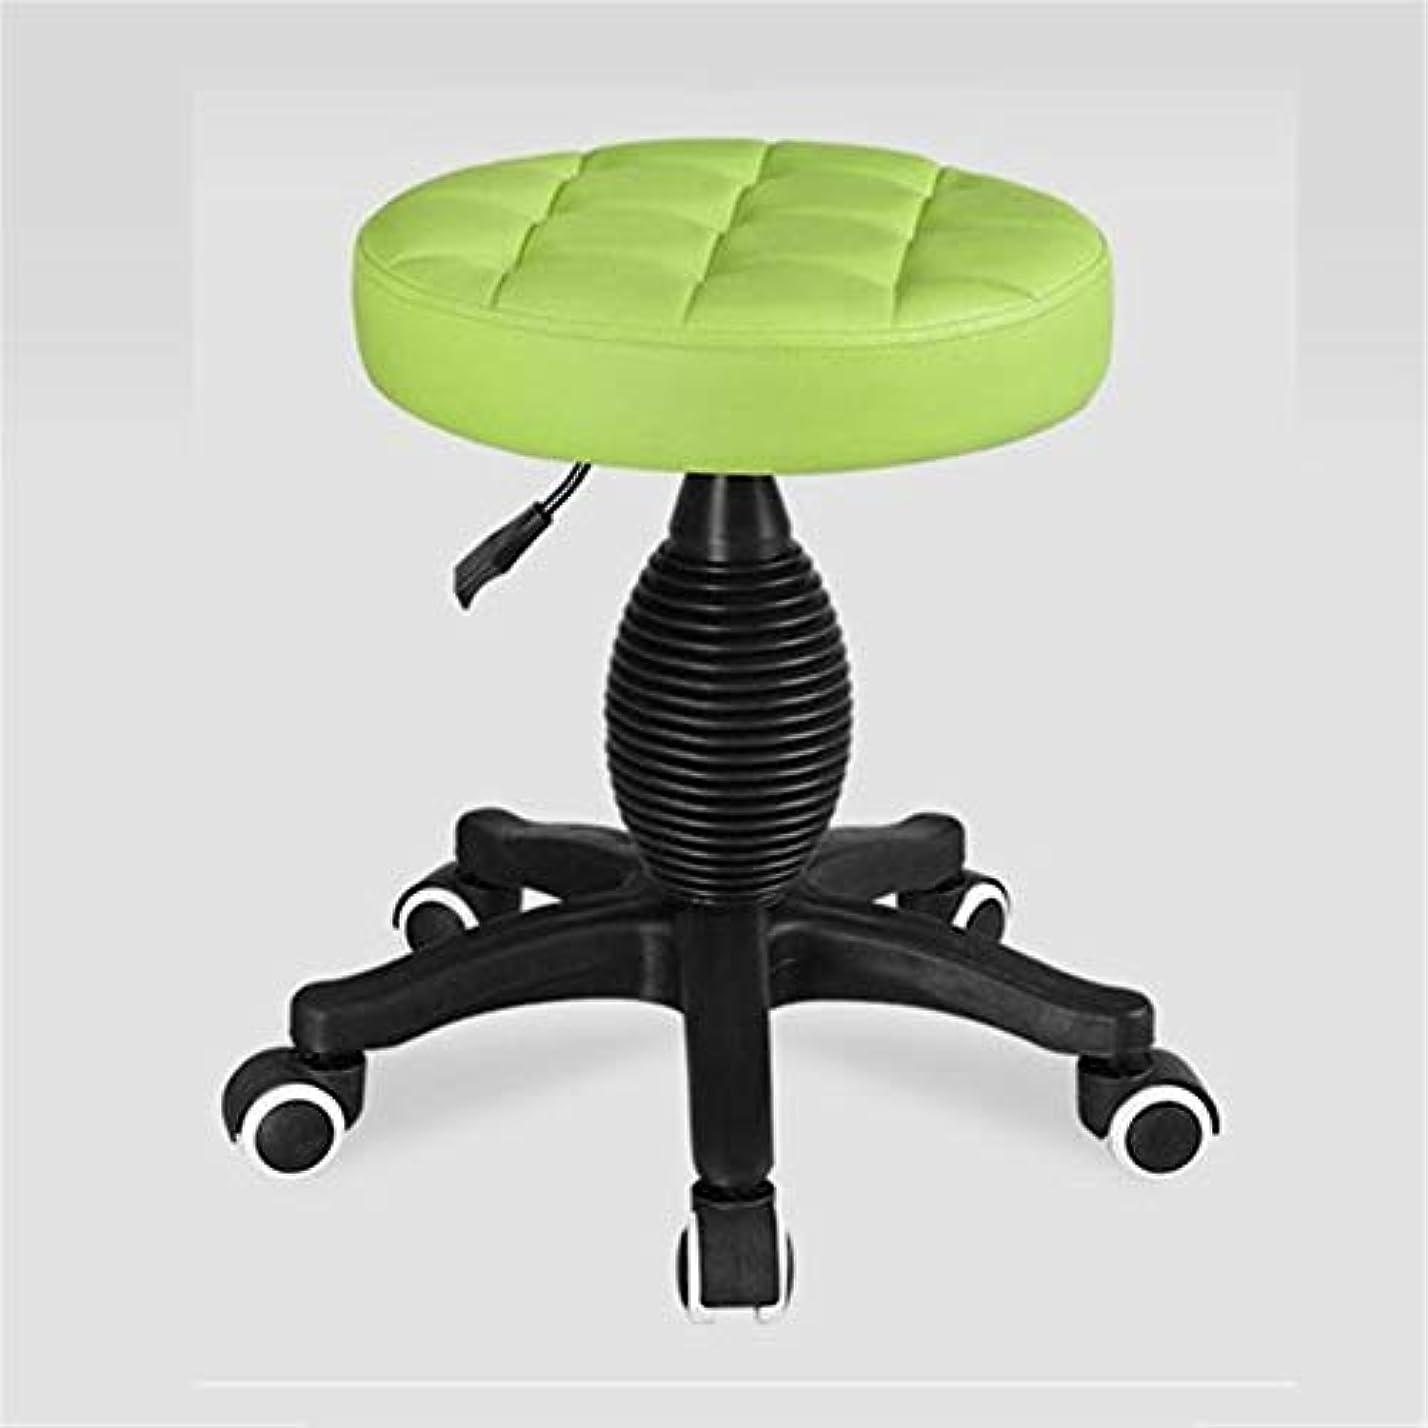 画家転用急ぐ大広間の椅子円形PUの革油圧上昇の調節の回転理髪店の椅子の鉱泉の大広間の設定の椅子5つの車輪の事務作業の椅子,Green,B